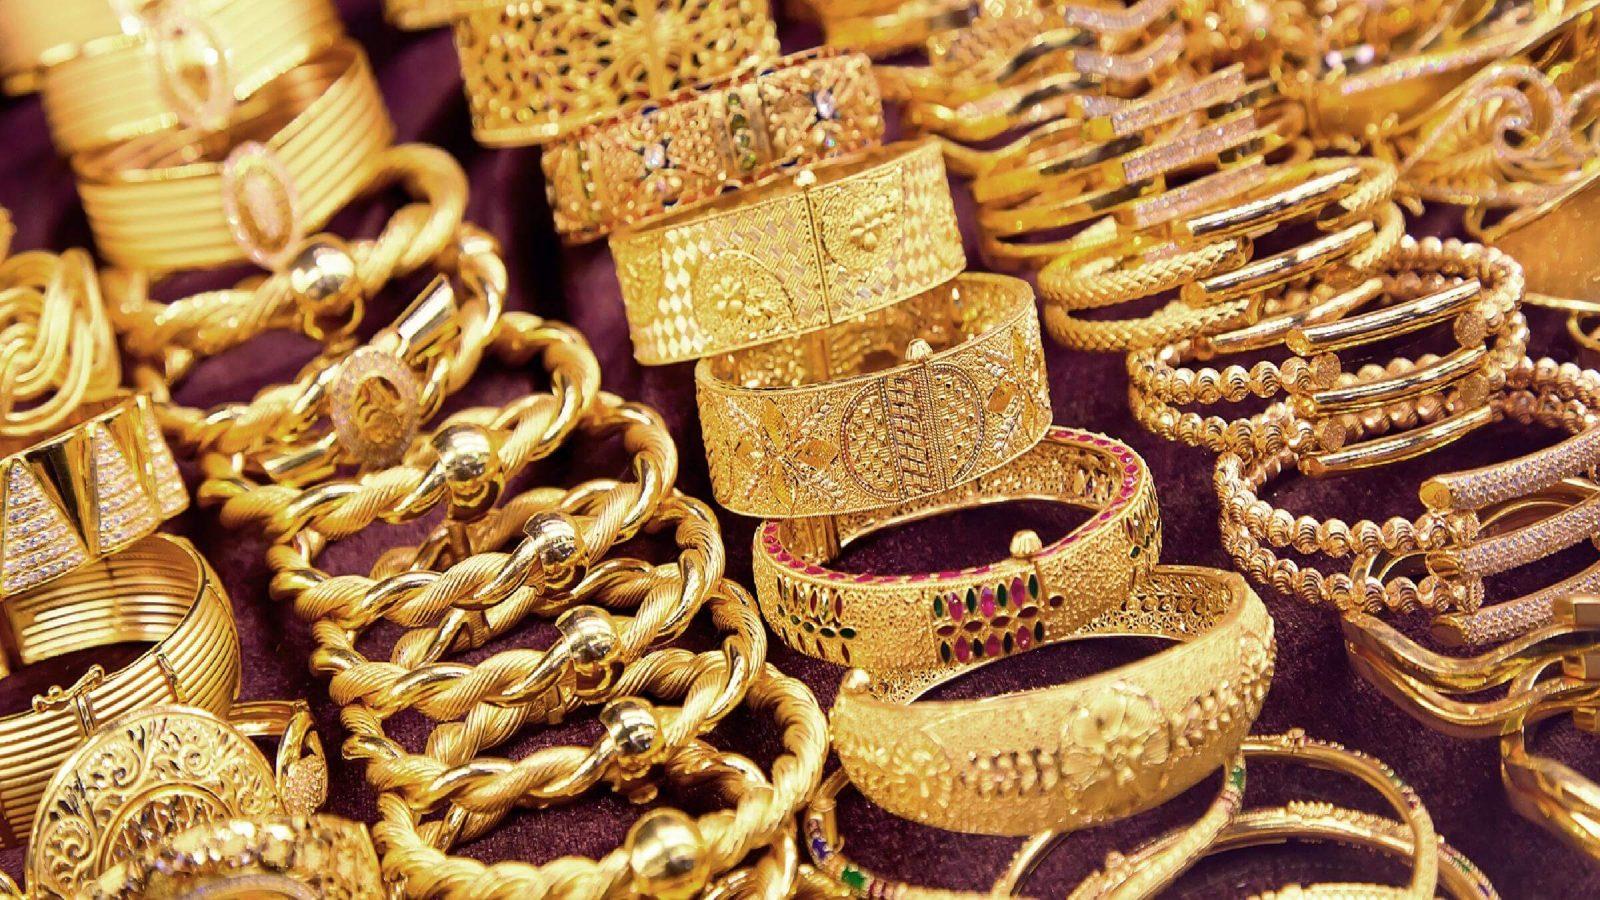 أسعار الذهب في مصر اليوم 29 2 2020 وعيار 21 يتراجع 25 جنيه ا